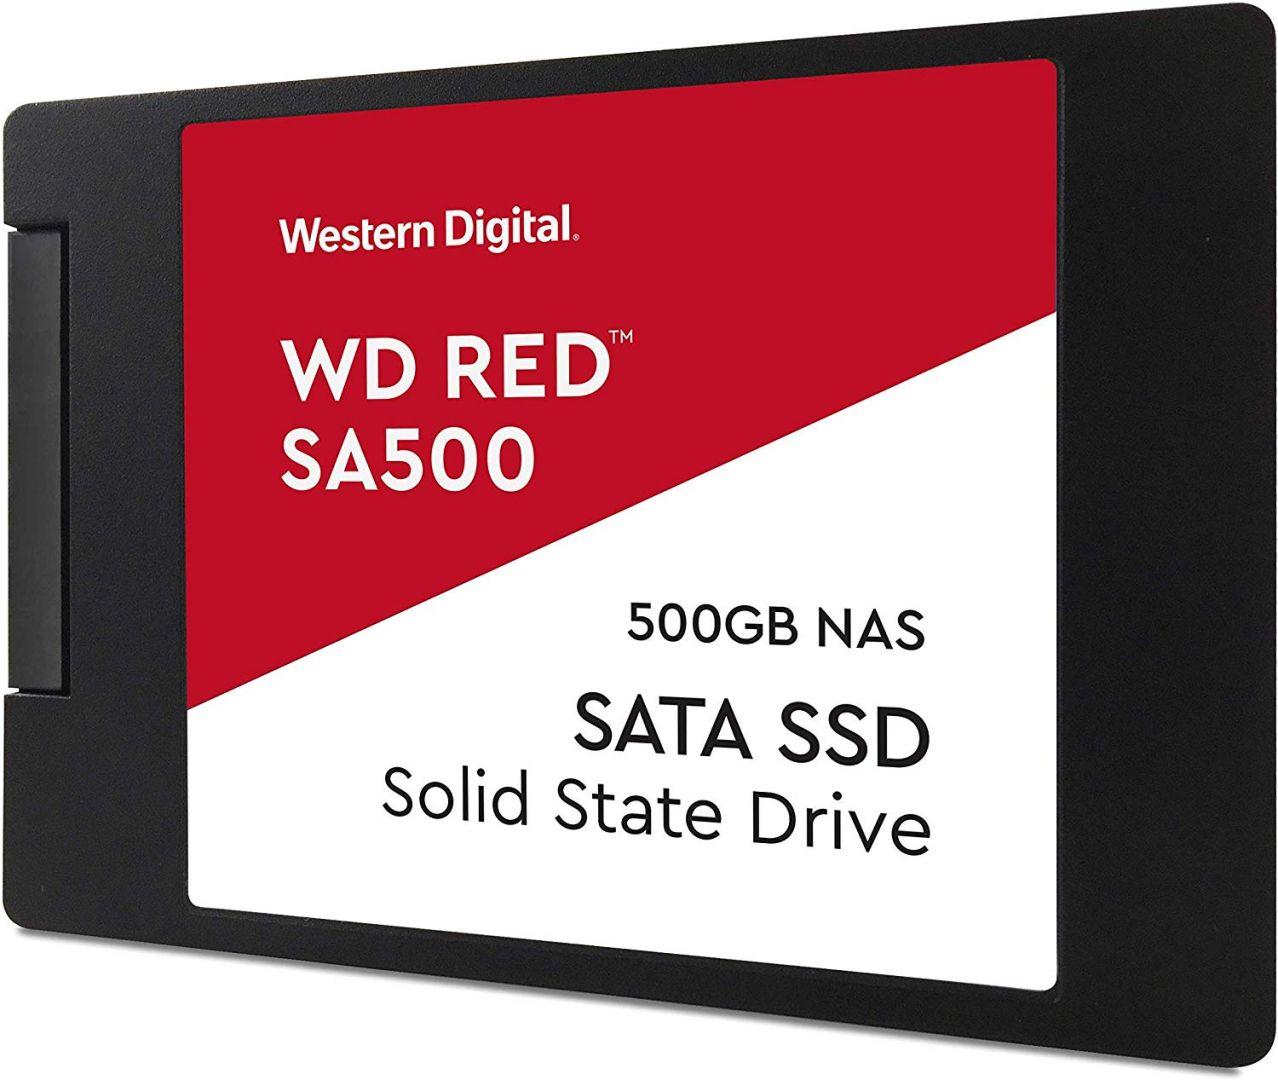 Western Digital 500GB 2,5 SATA3 SA500 NAS Red (WDS500G1R0A)